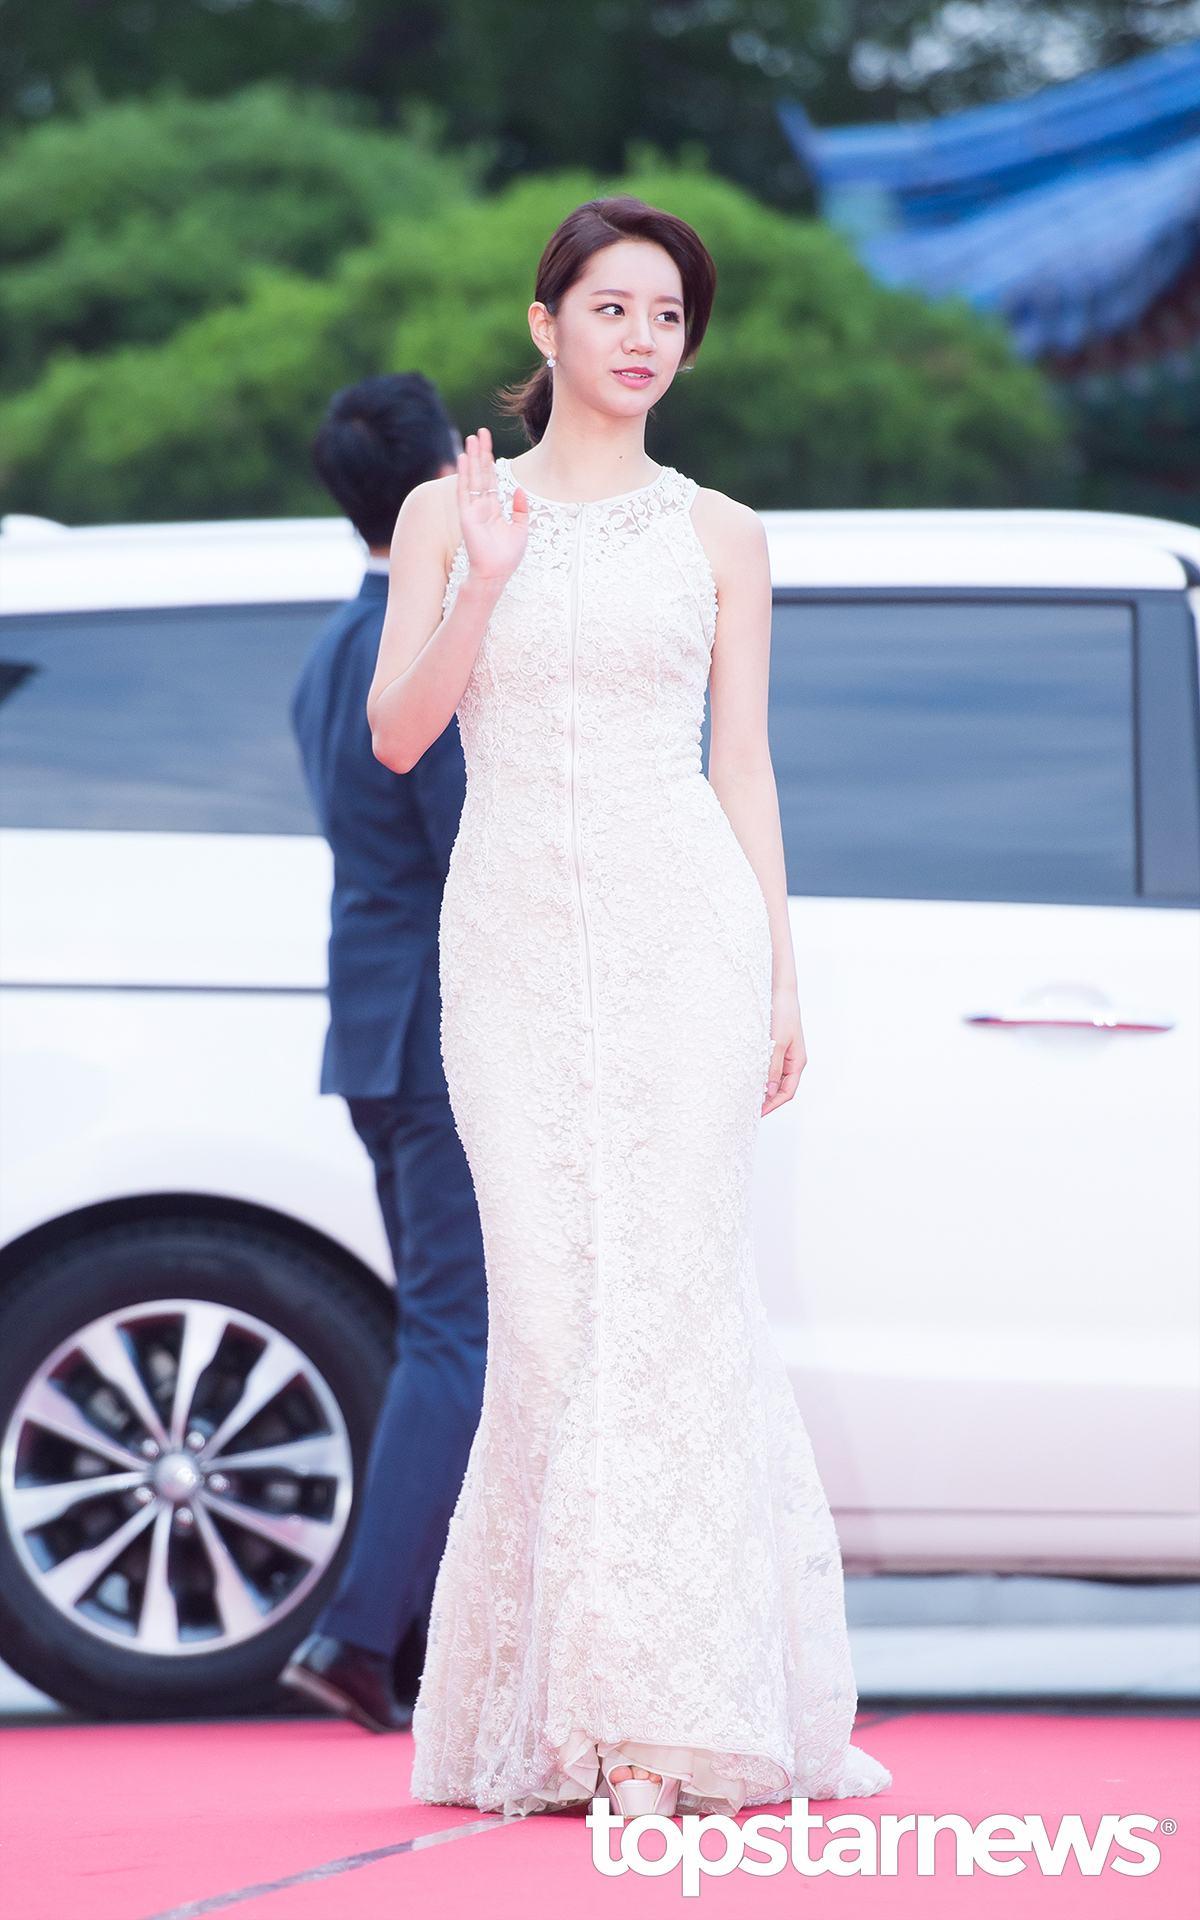 惠利這一身蕾絲貼身禮服,讓粉絲驚嘆原來惠利的身材原來那麼好!